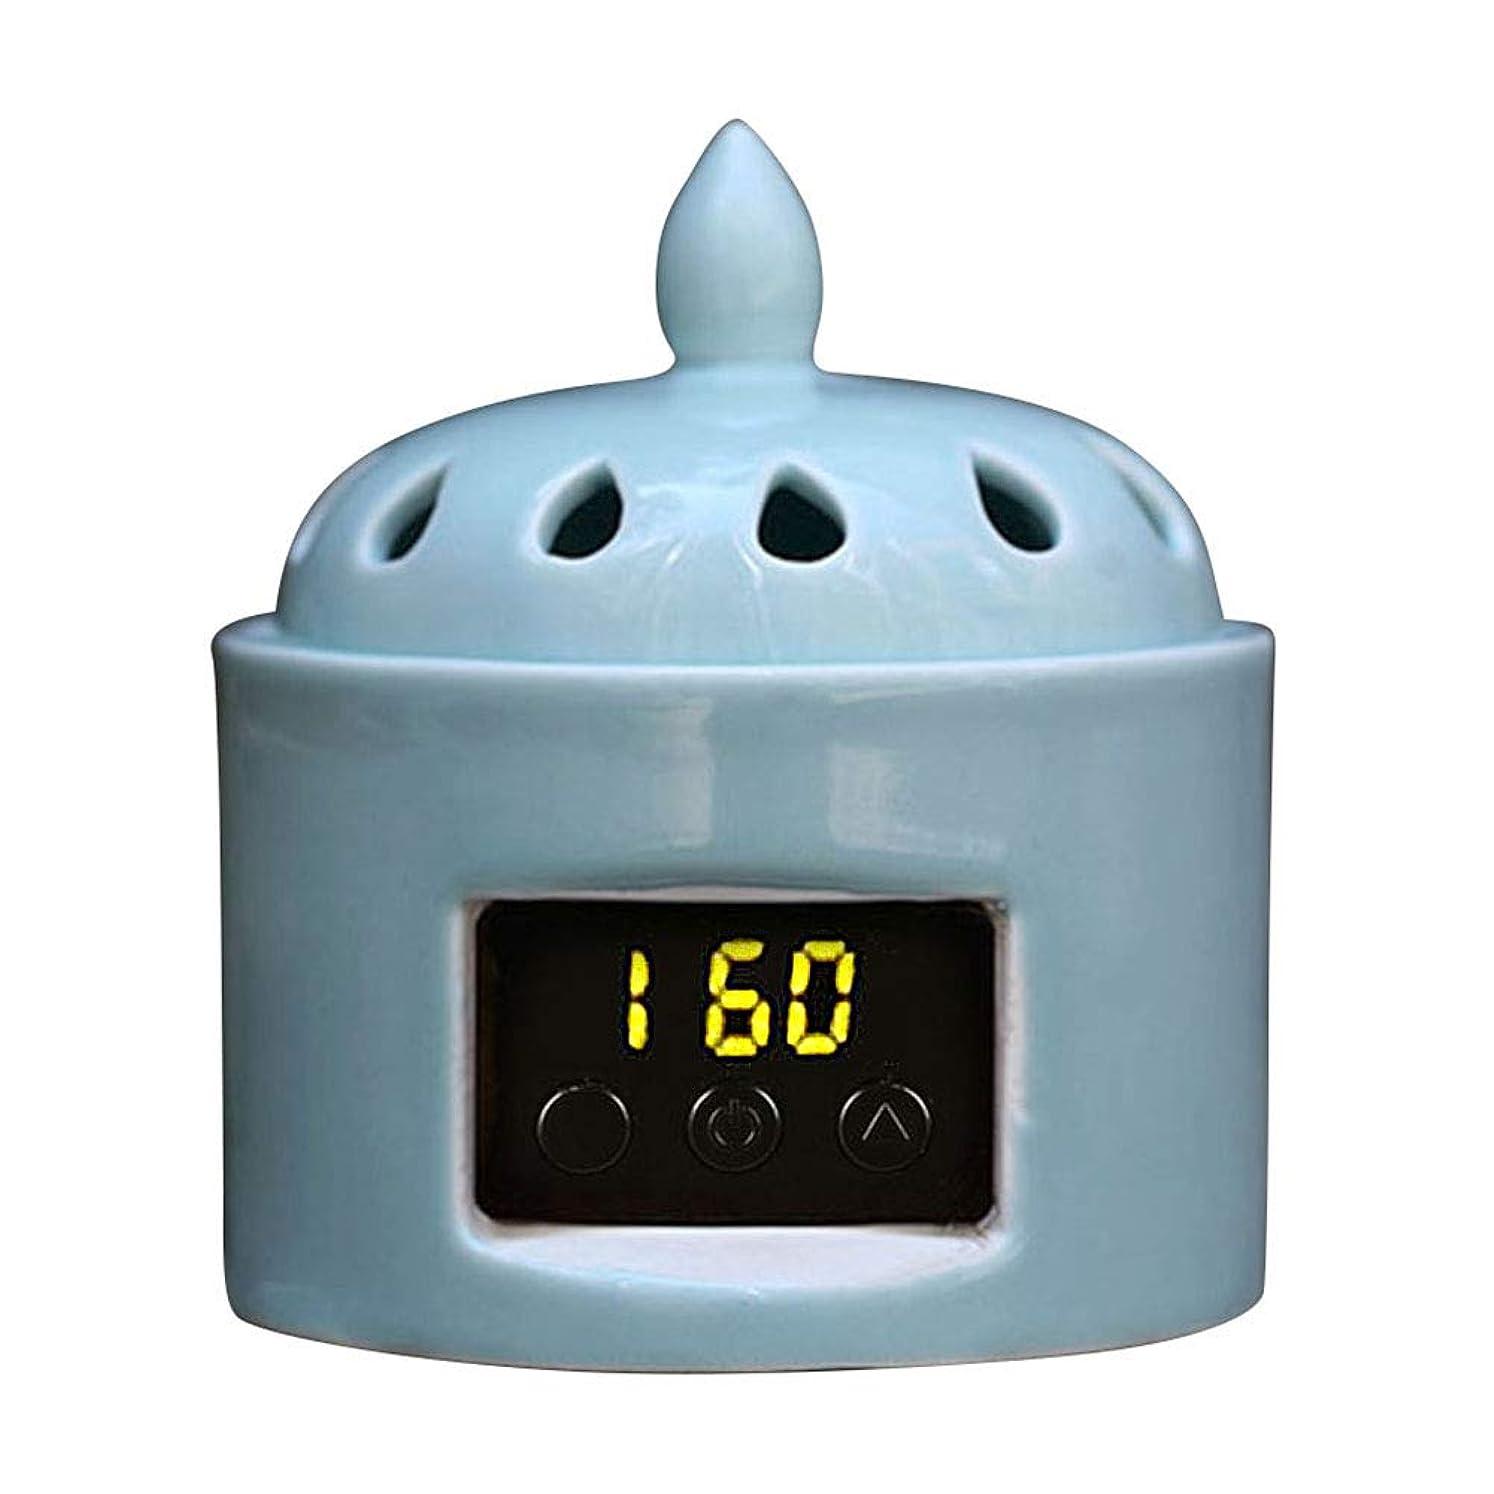 誰も時親密なアロマディフューザー LCD温度制御 香炉、 電気セラミック 寒天 エッセンシャルオイル アロマテラピーディフューザー、 ホーム磁器、 バルコニー、 ポーチ、 パティオ、 ガーデンエッセンシャル セラミック電気香炉